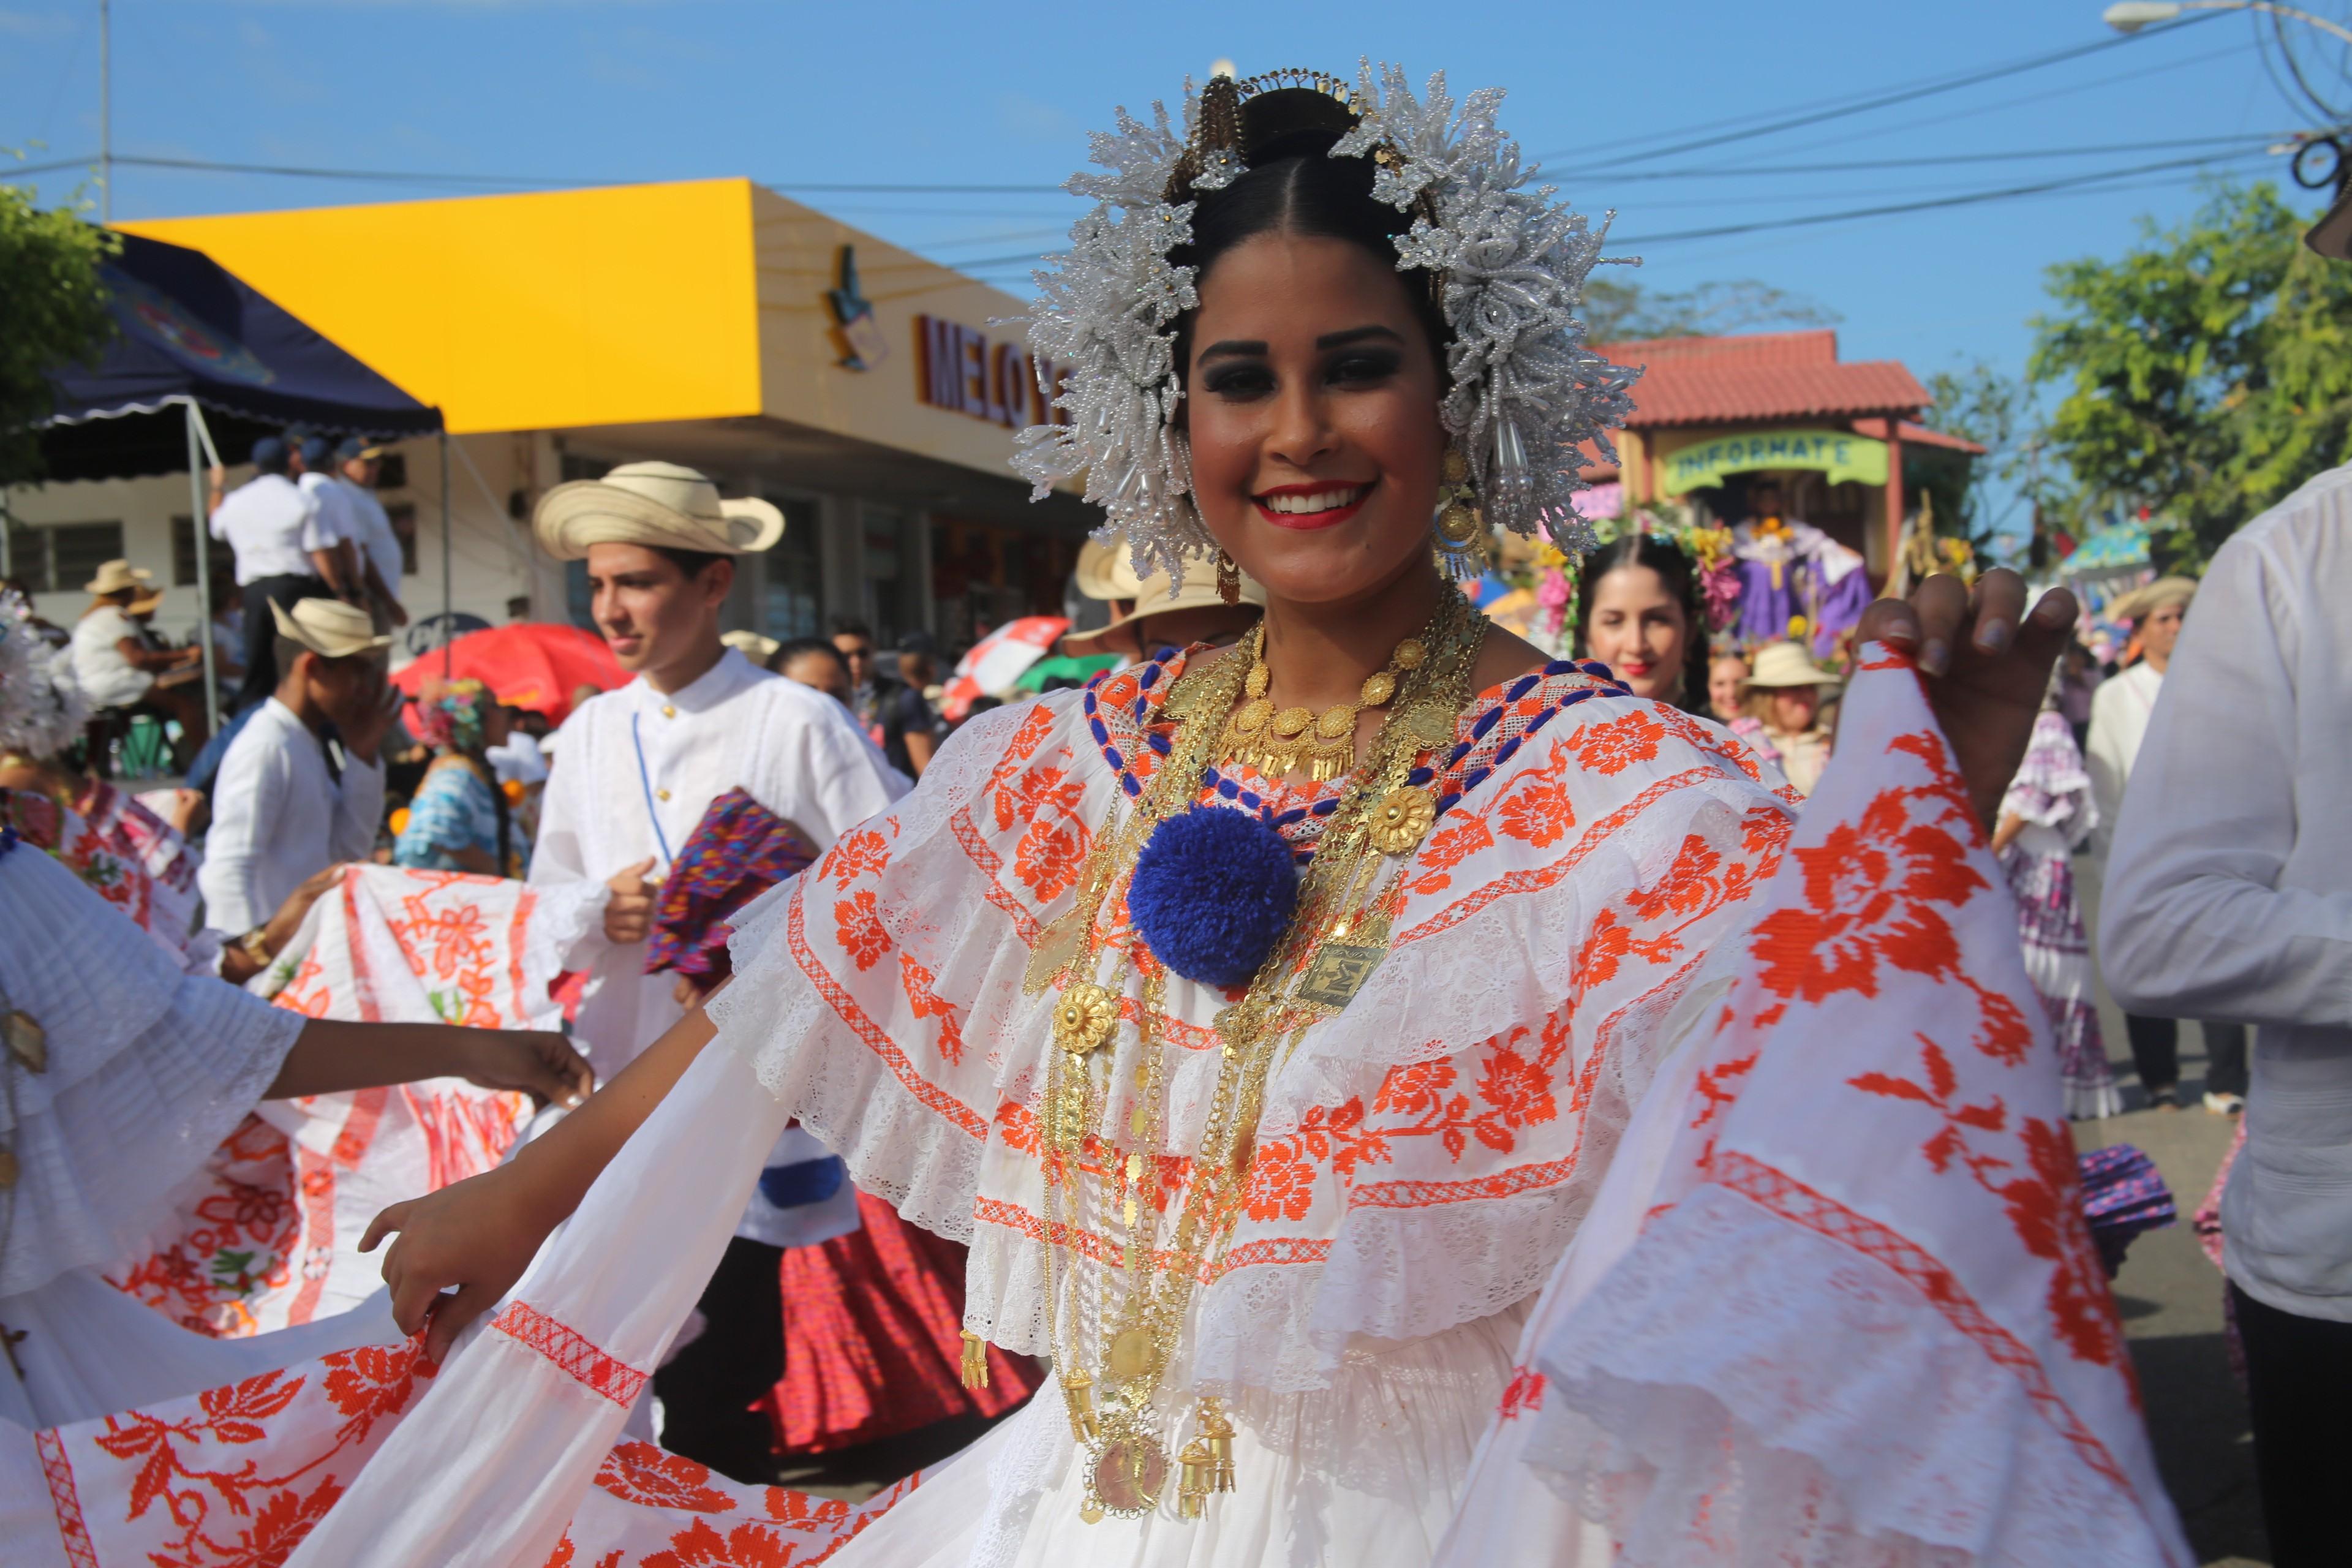 Calendario Carnavales 2019 Panama Más Recientes Desfile De Las Mil Polleras Se Realizará En Enero 2019 Noticias Of Calendario Carnavales 2019 Panama Más Caliente Calaméo Edicion 1299